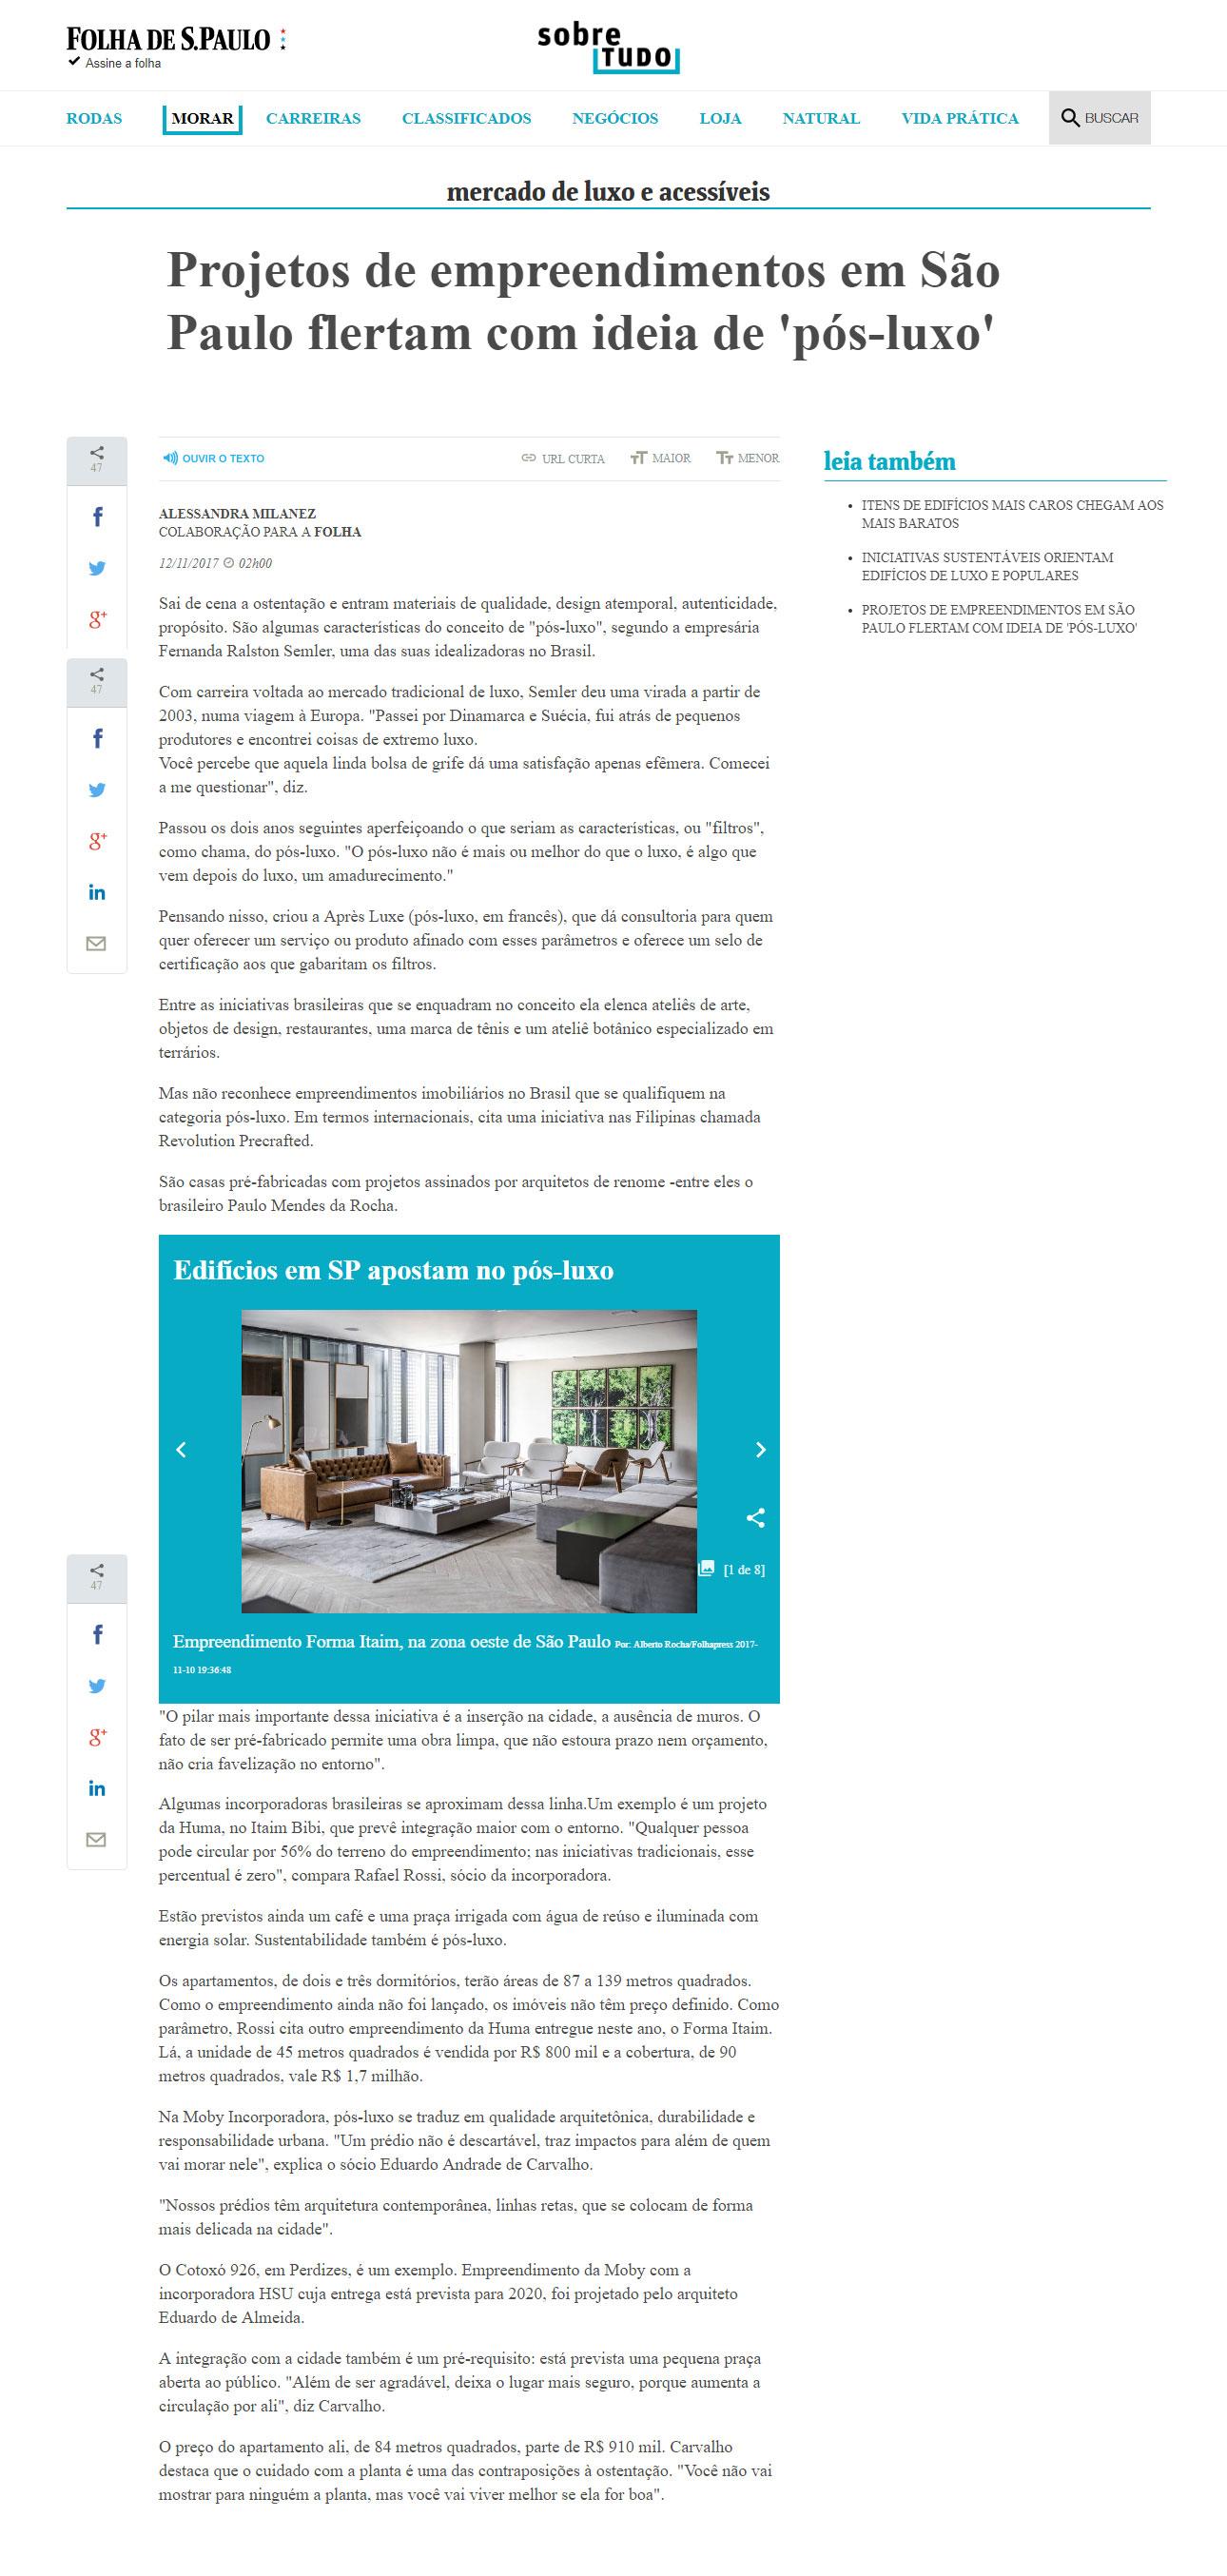 Folha de São Paulo - Projetos flertam com ideia de Pós-Luxo. Fernanda Raslton Semler